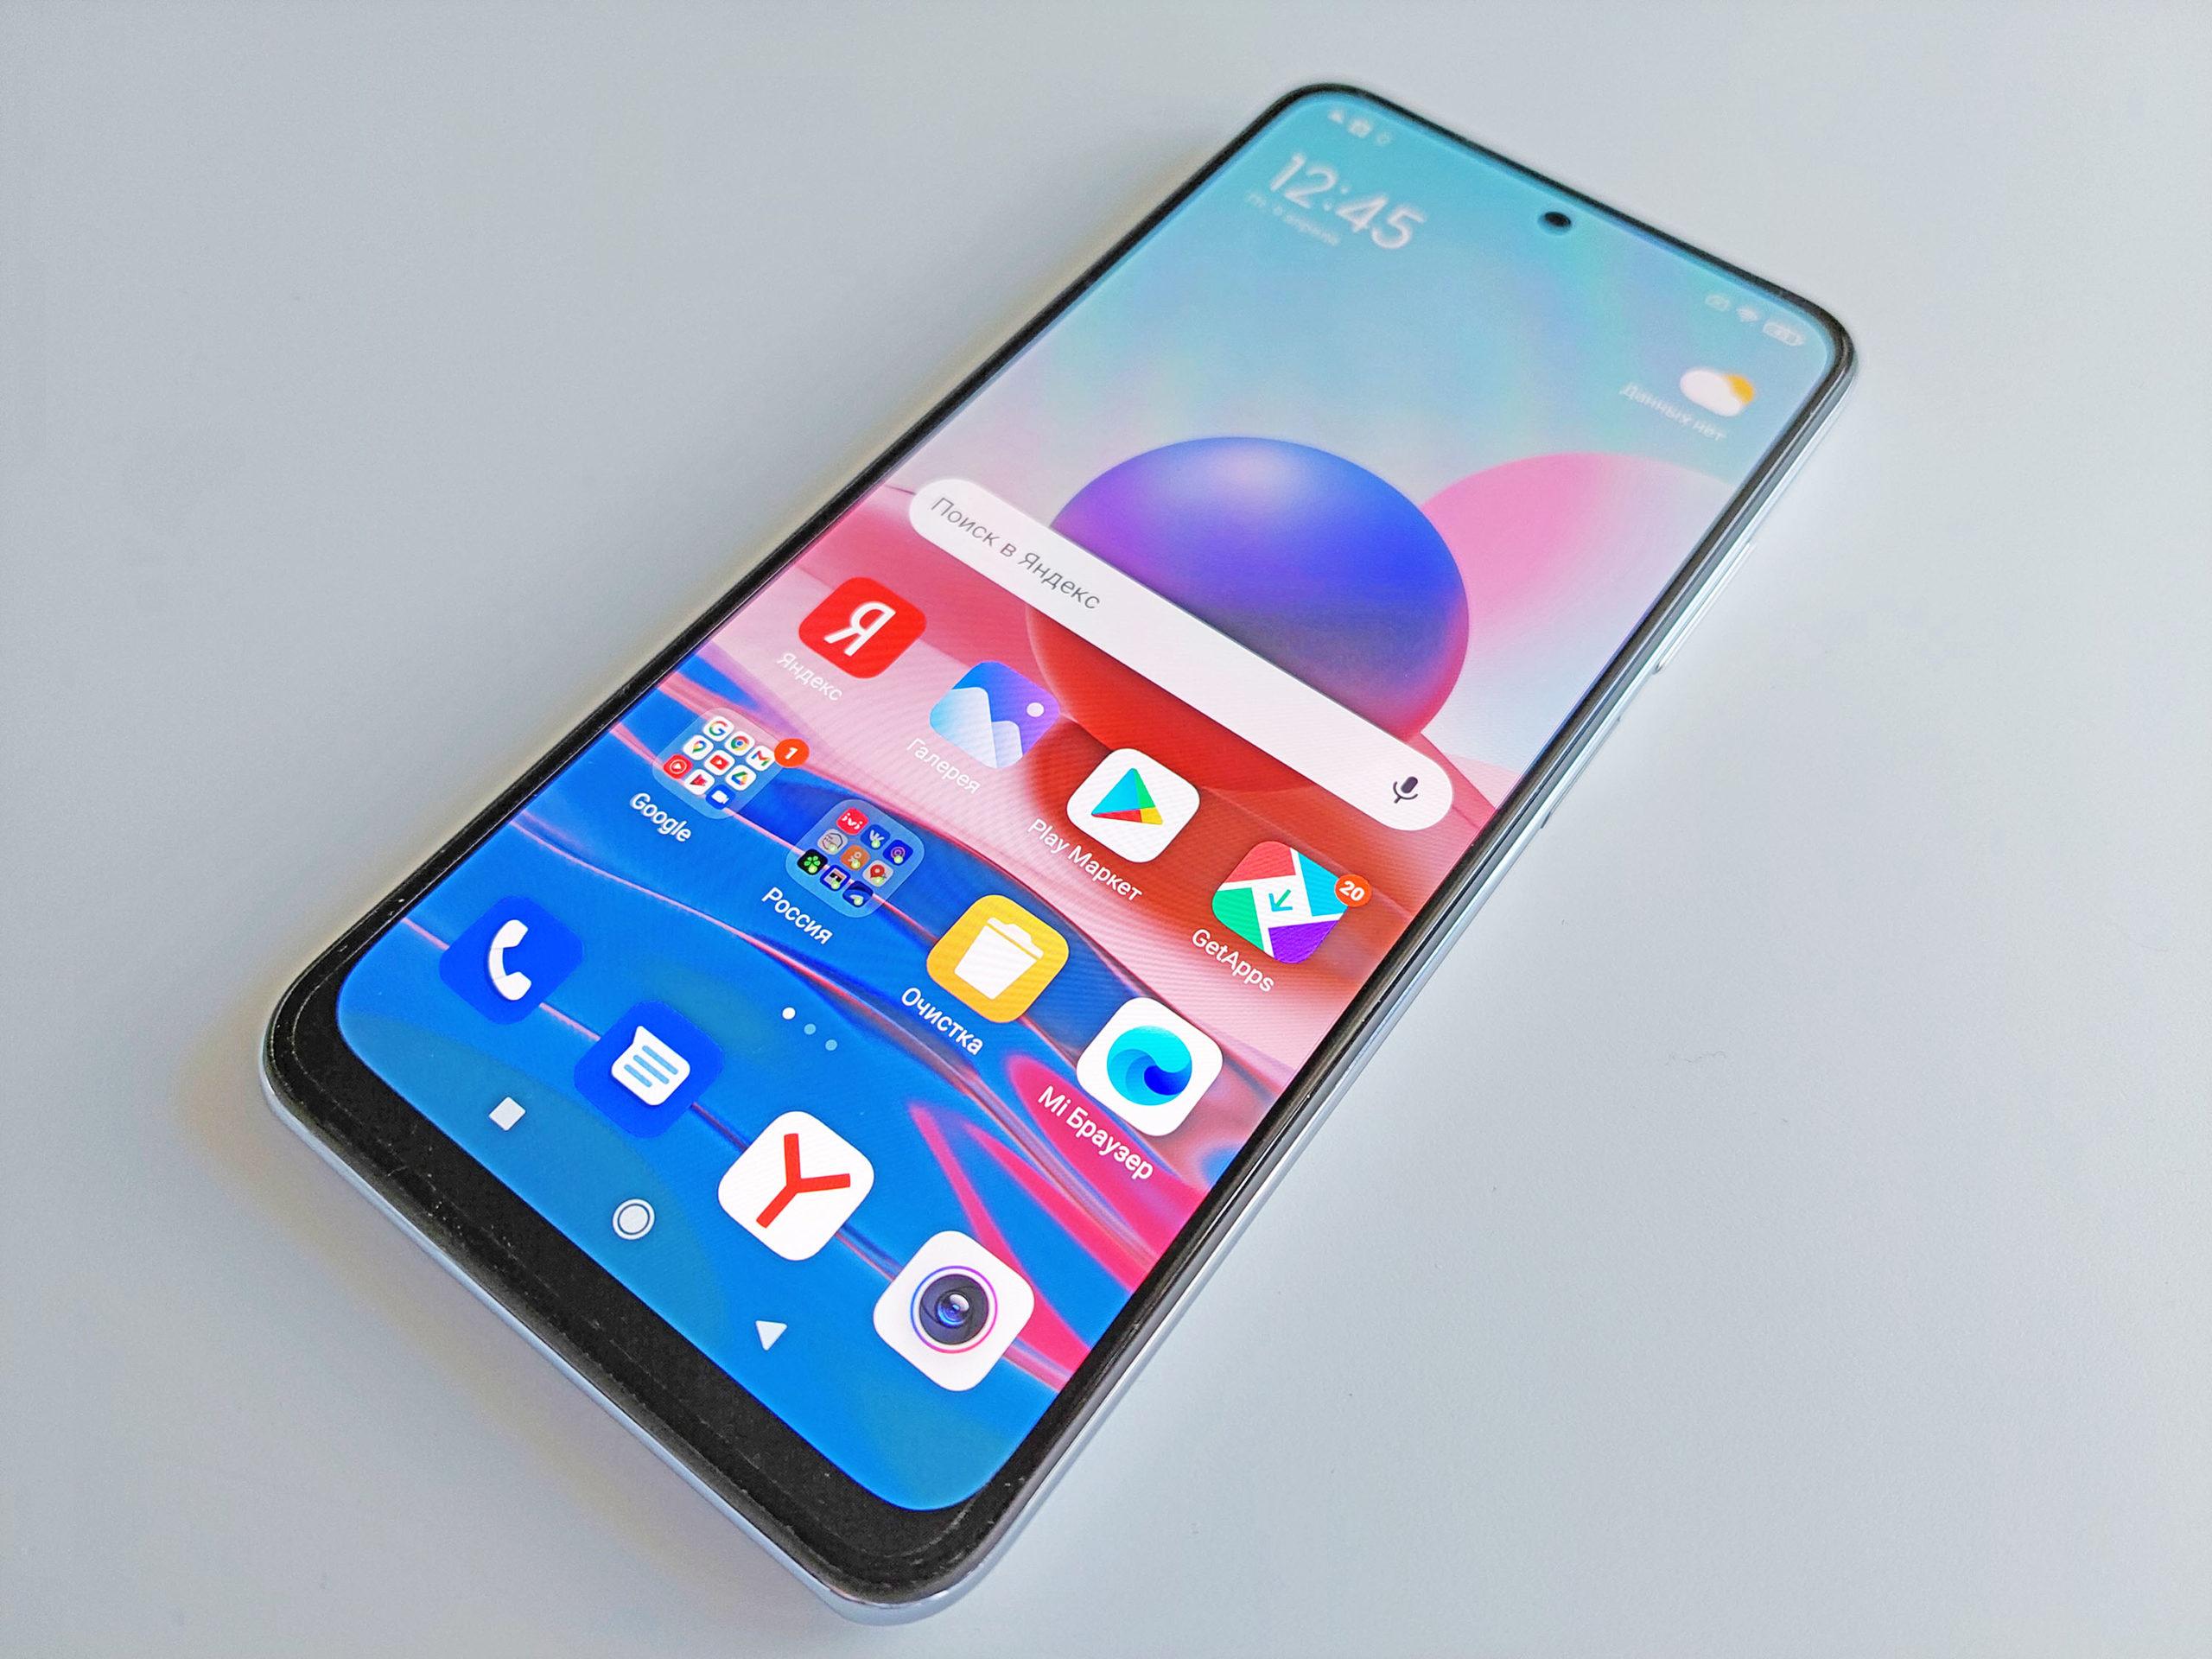 Роскачество знает, какой смартфон выбирать: рейтинг лучших моделей до 20 тысяч рублей